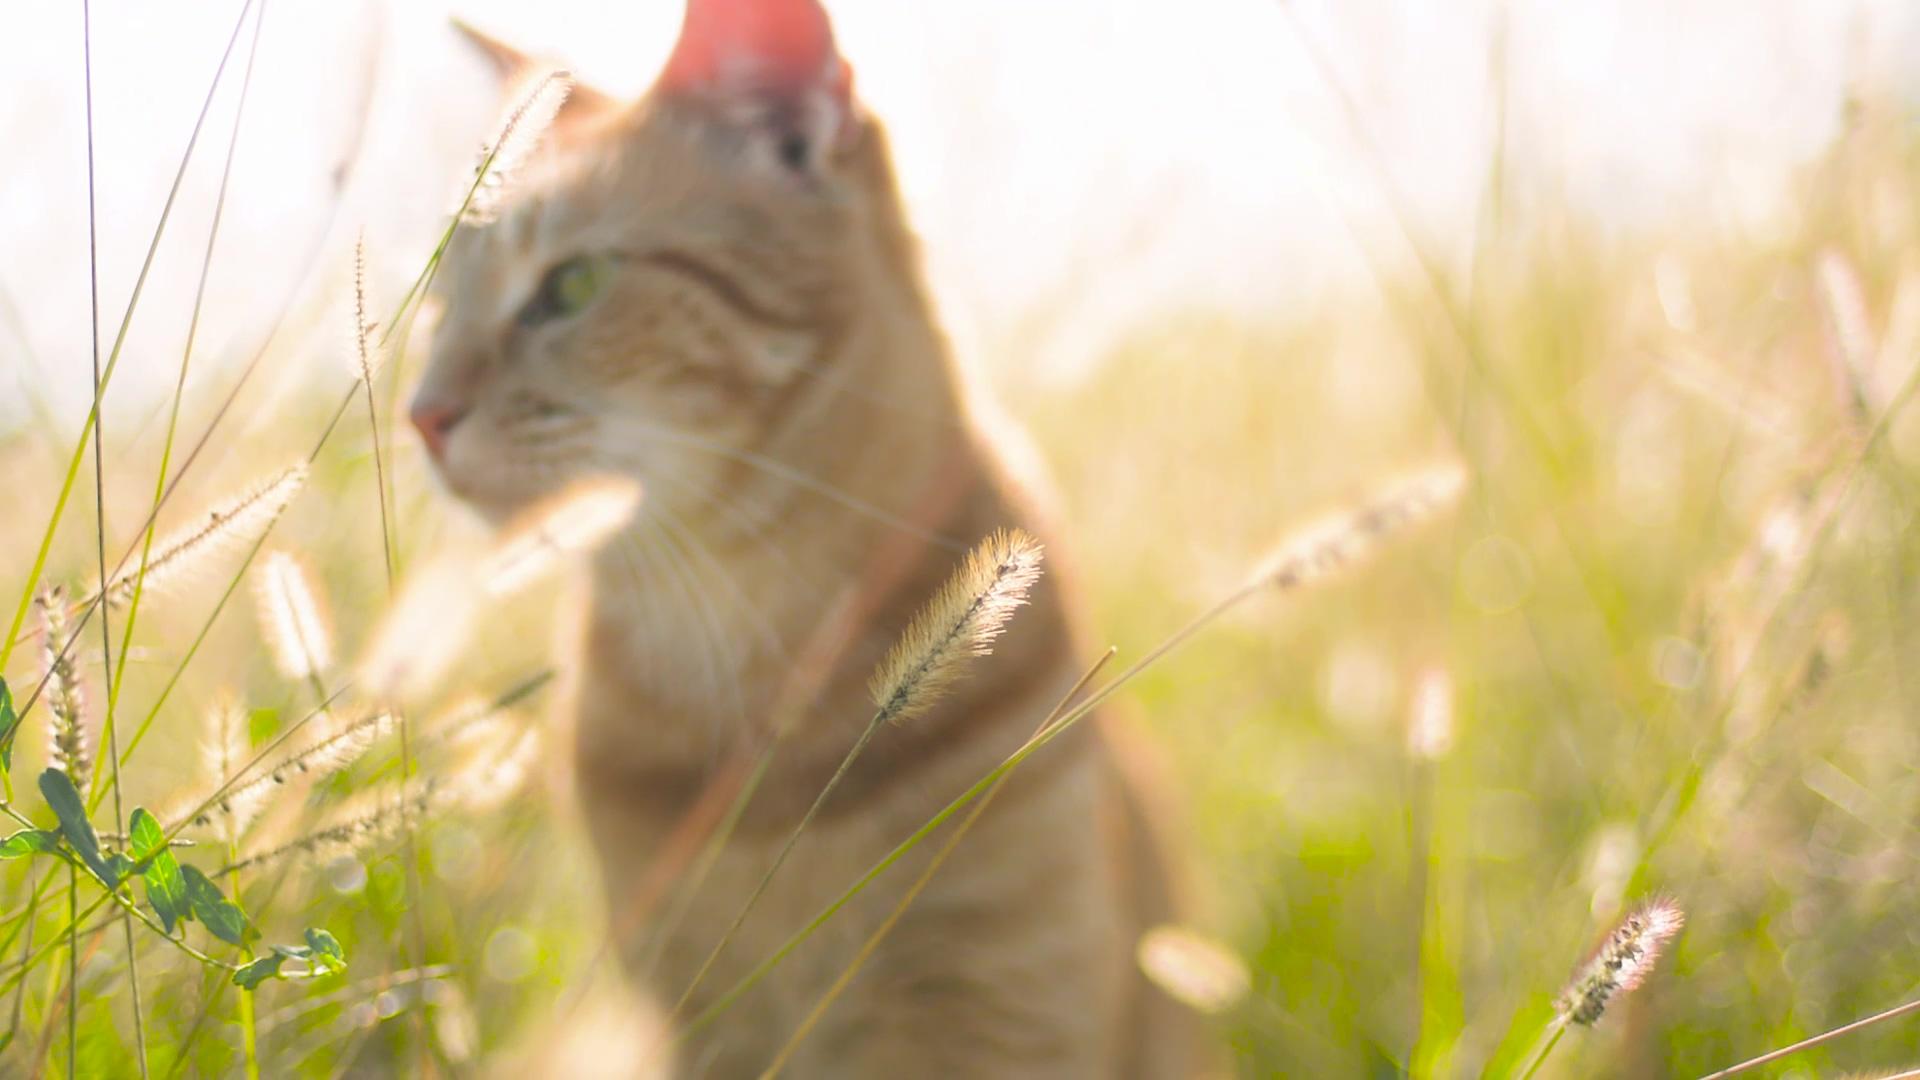 阳光下的小猫-高清视频素材